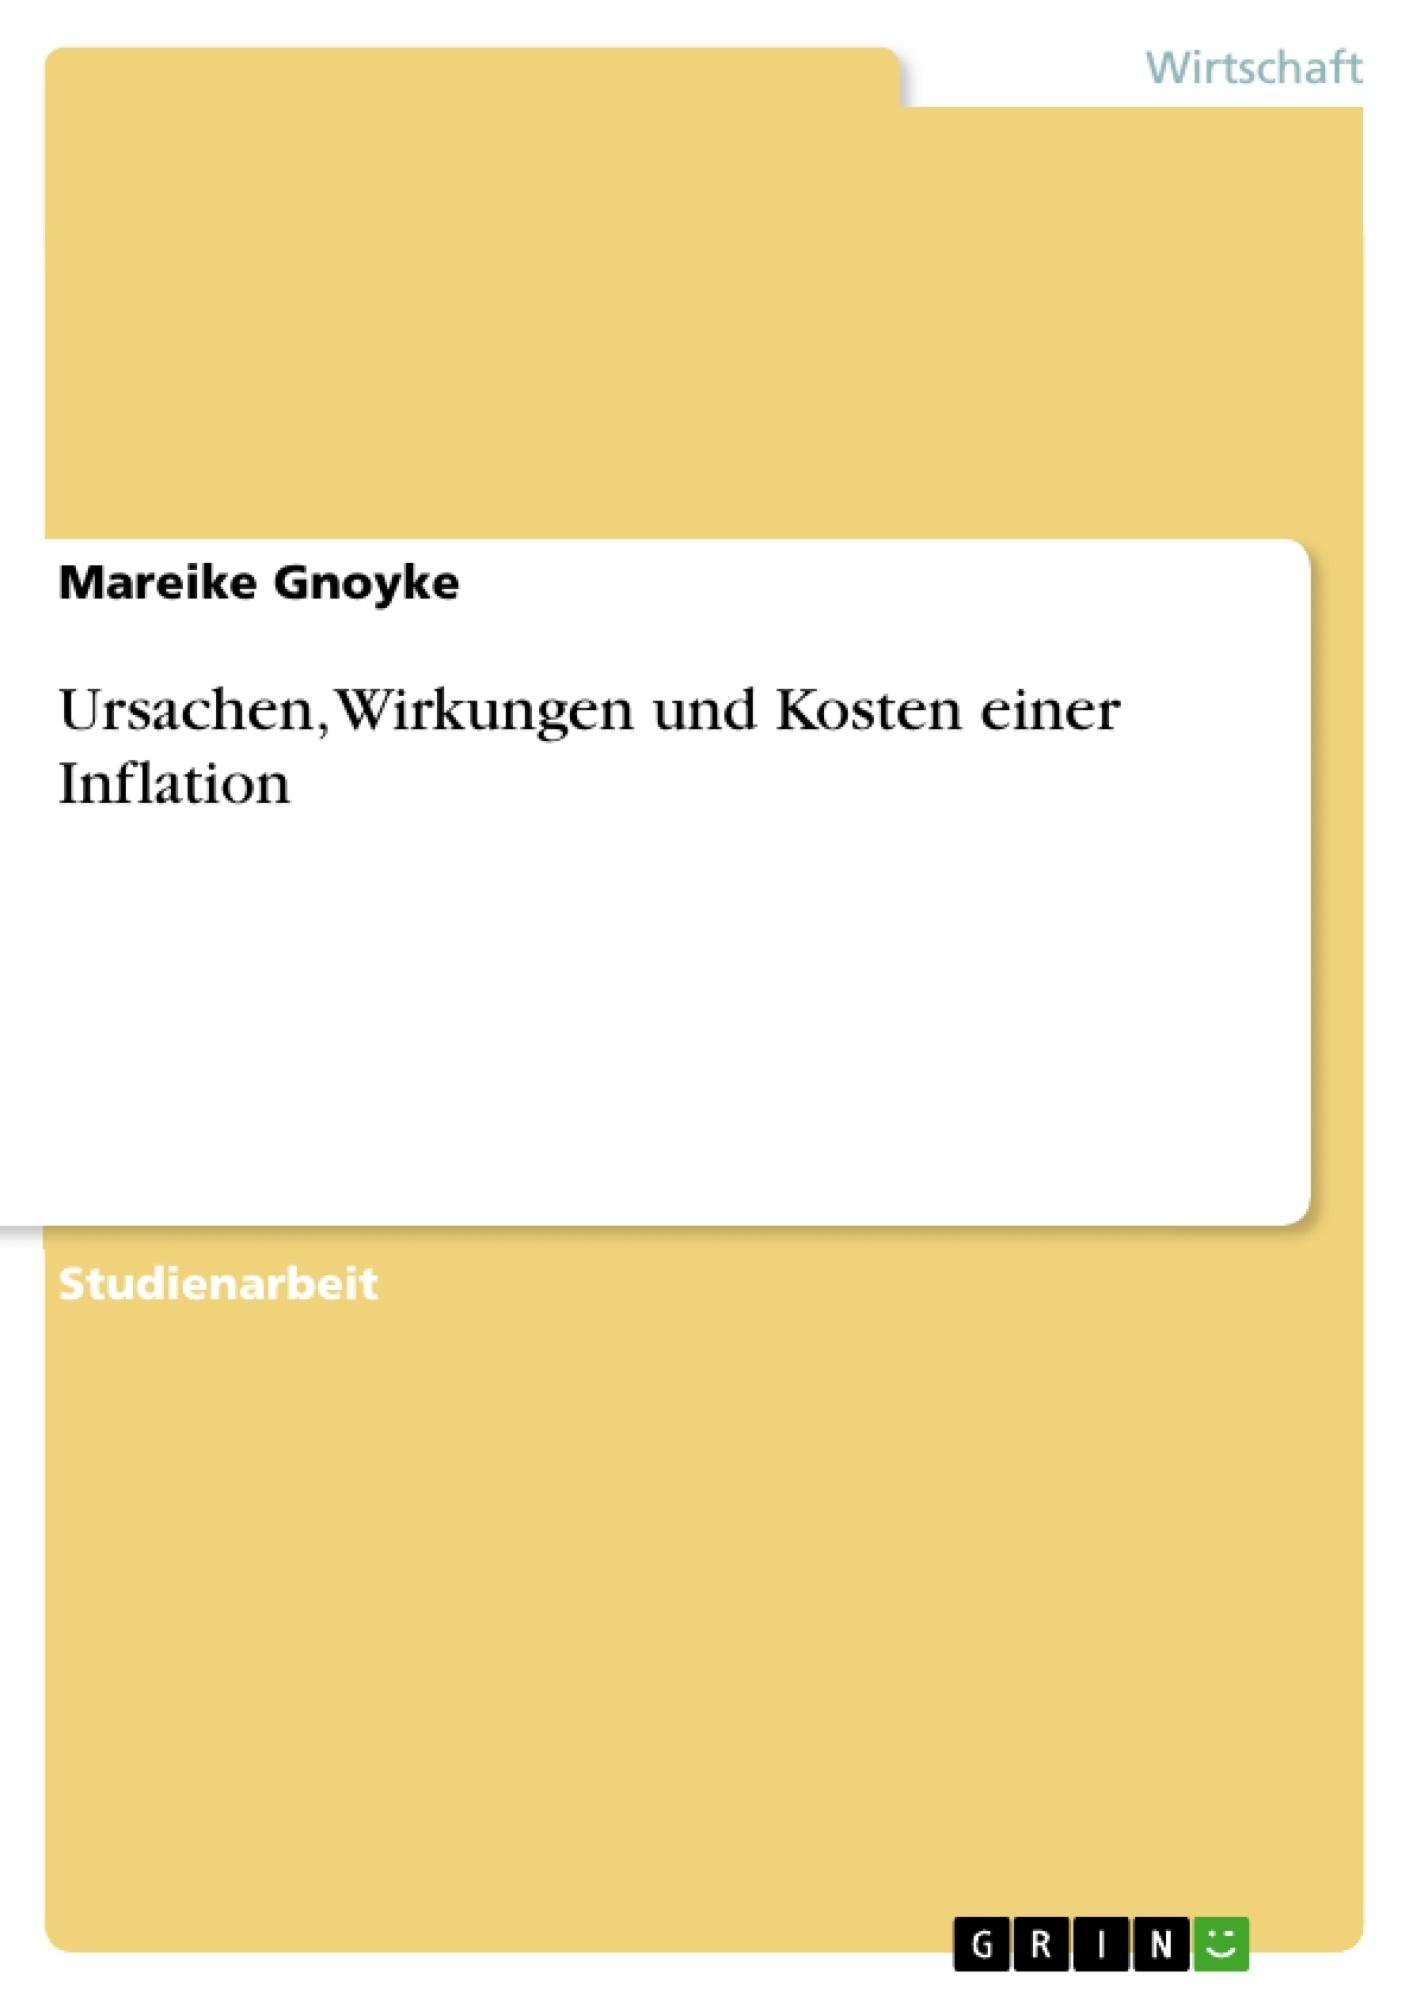 Titel: Ursachen, Wirkungen und Kosten einer Inflation